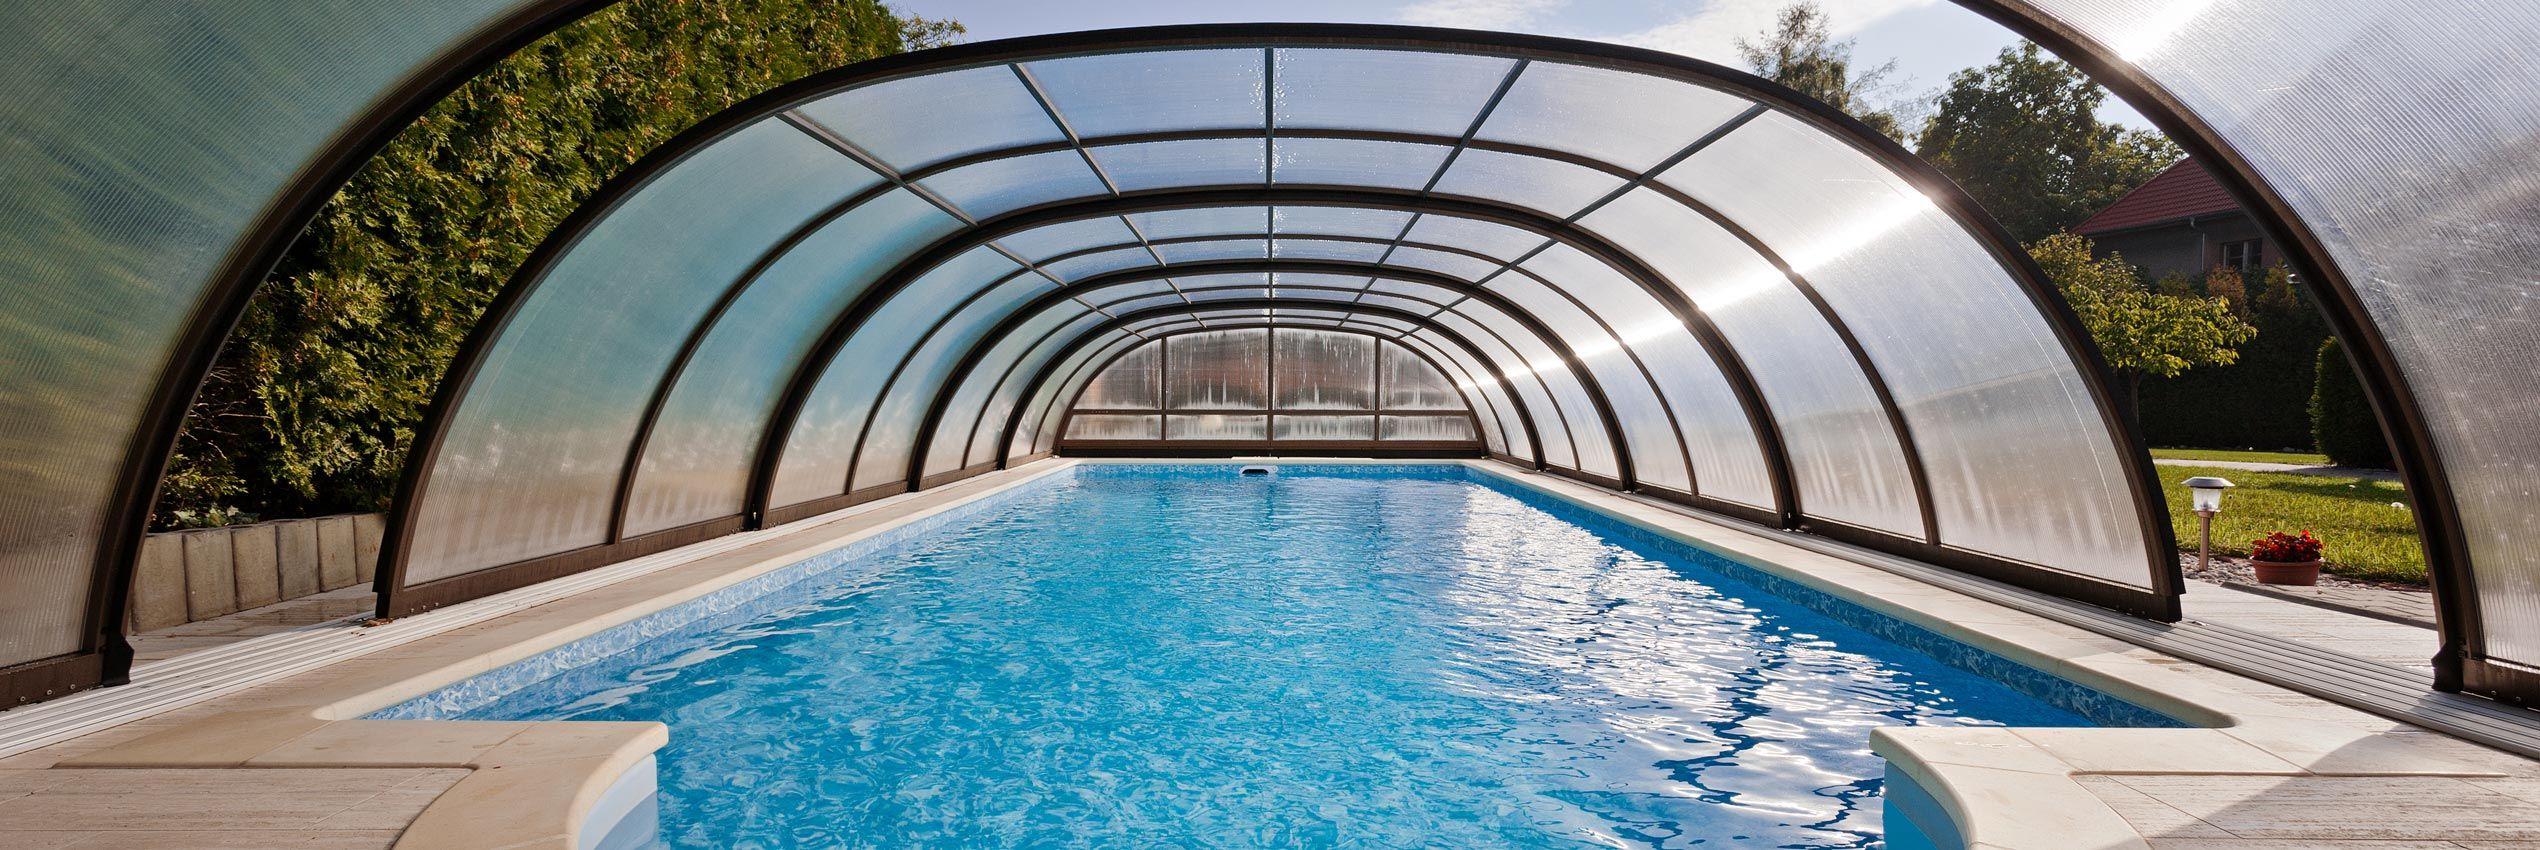 Linea media delle coperture piscine a basso costo la - Costo manutenzione piscina ...